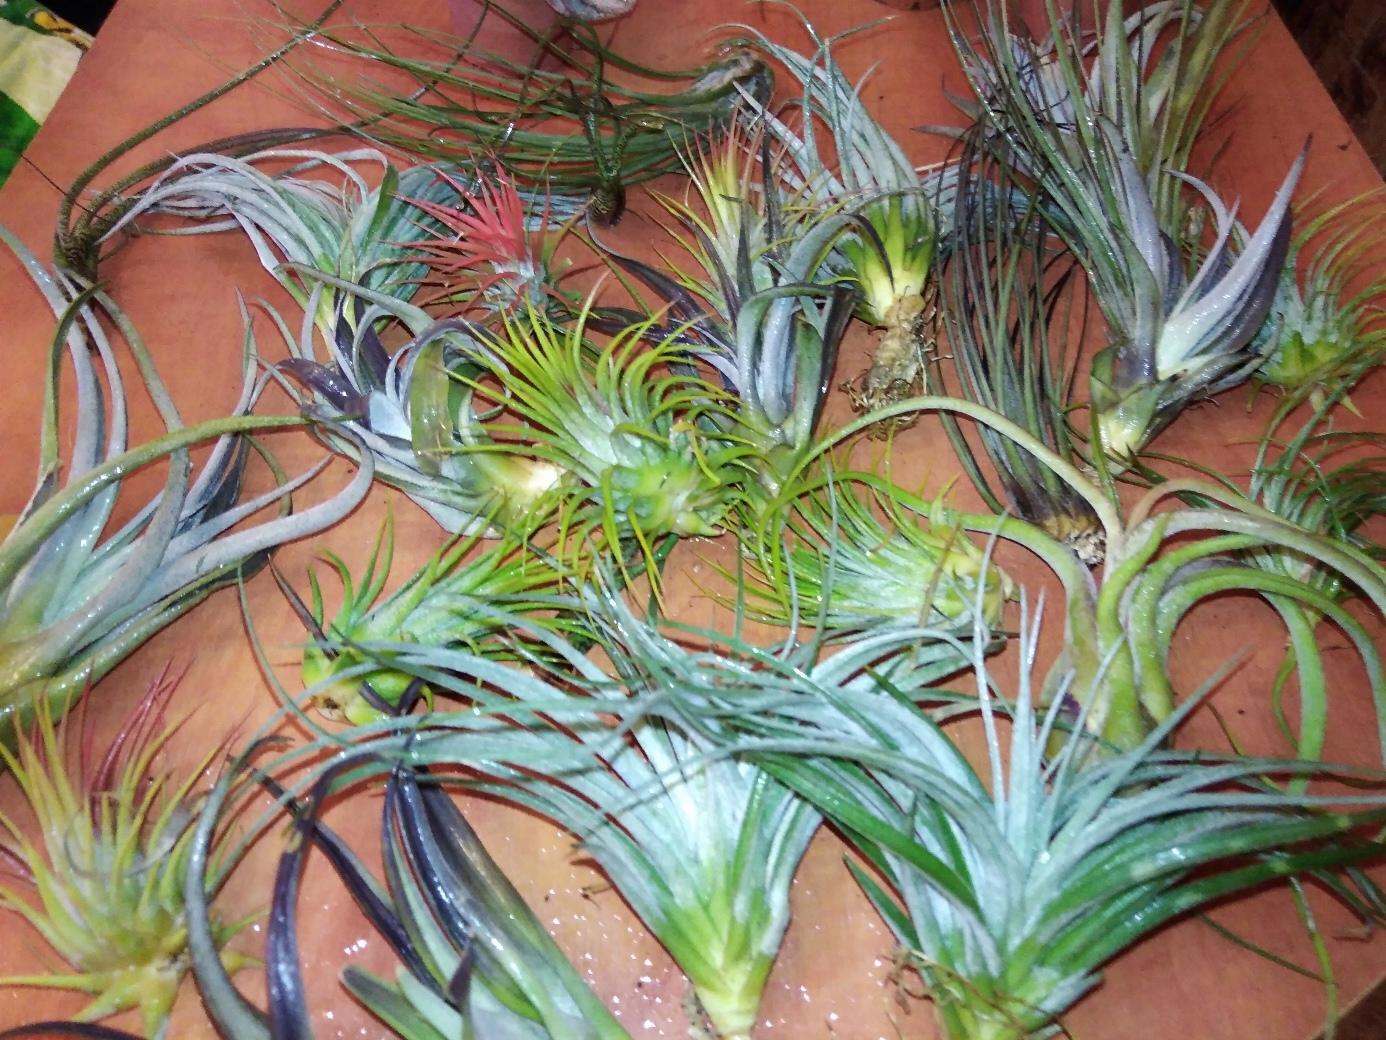 Атмосферные растения (тилландсия) H8sWRhbzKkw